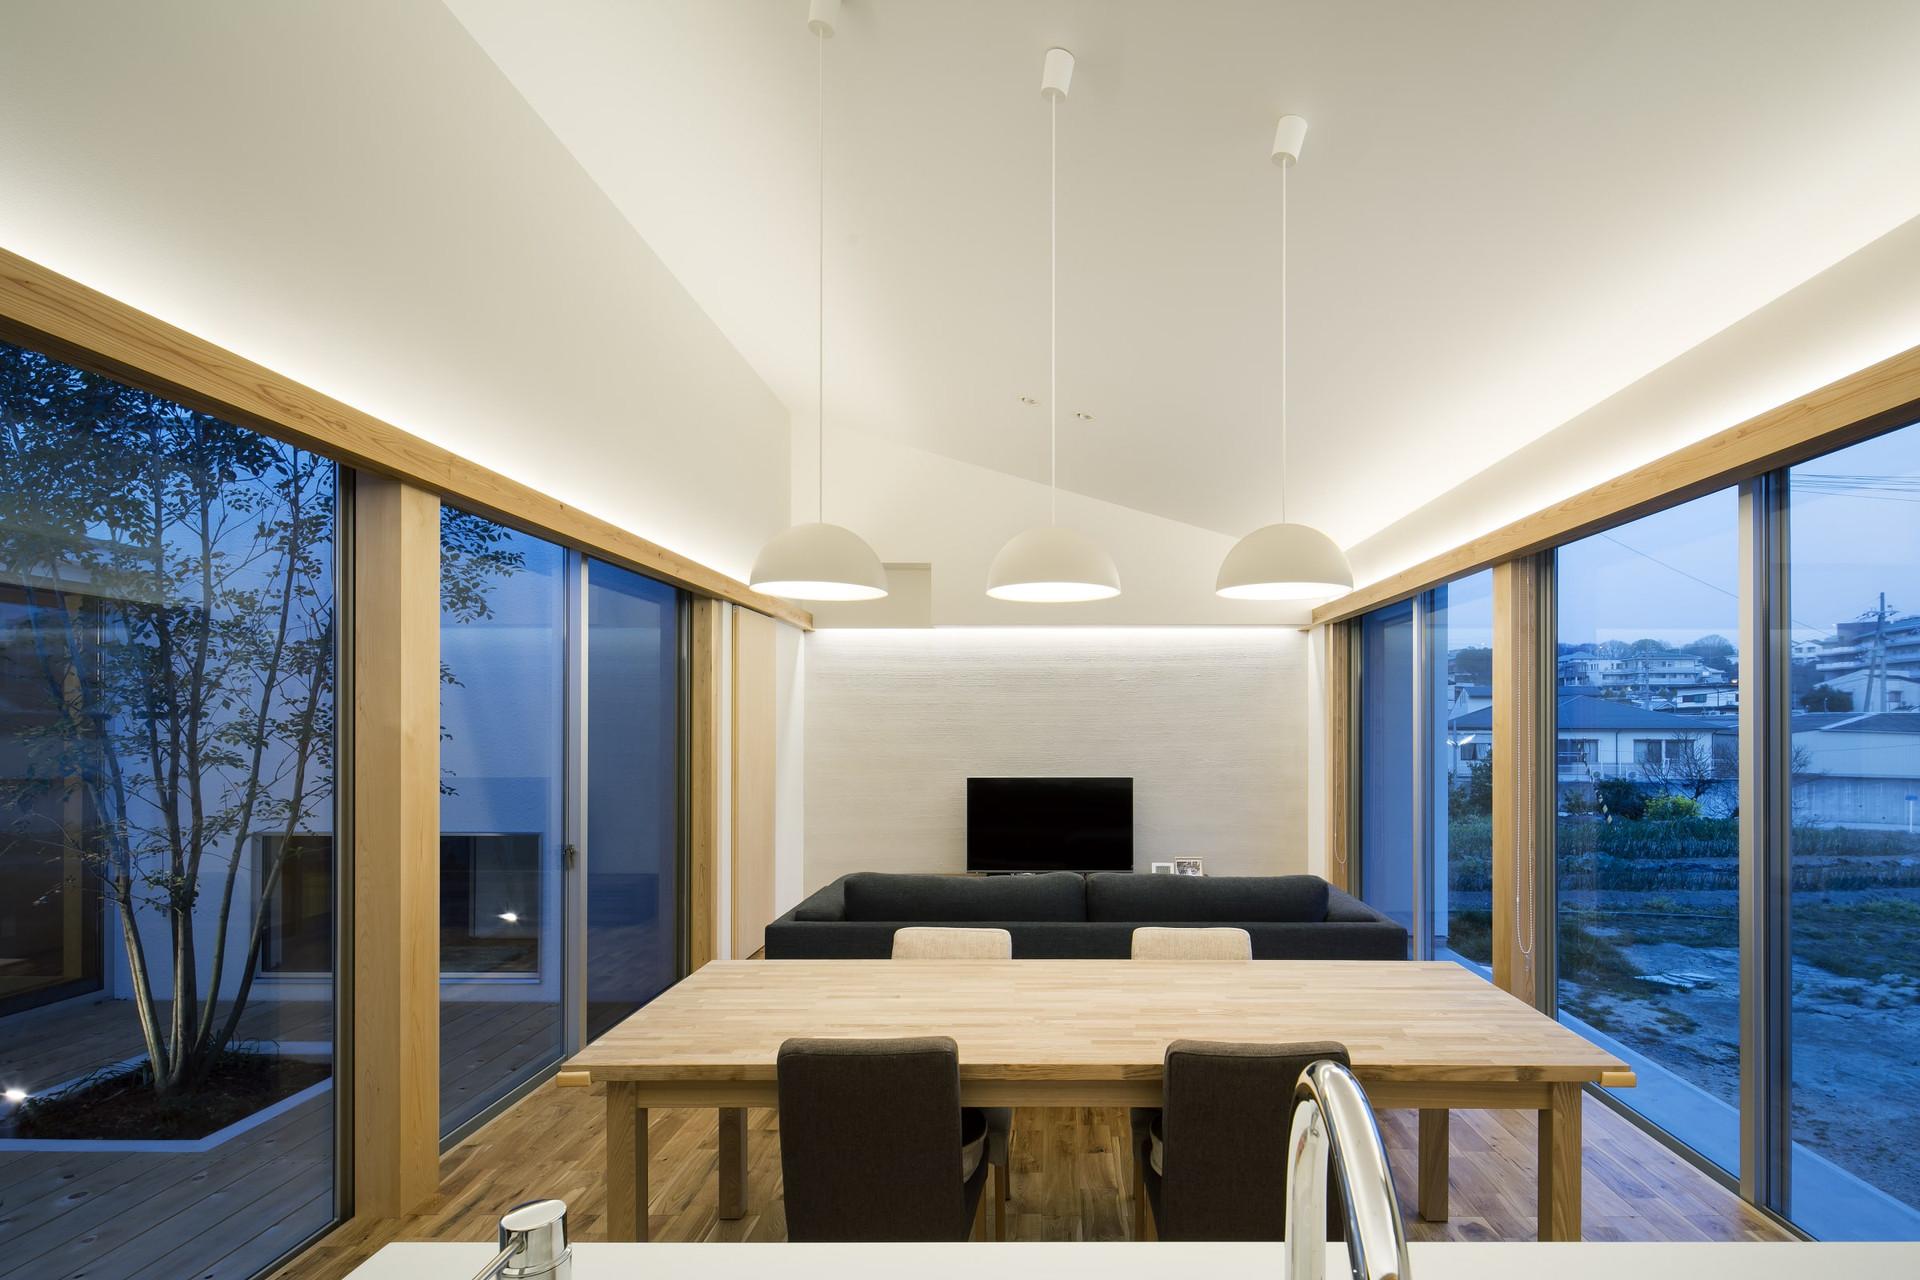 sakai-custom-built-house_2400_14.jpg